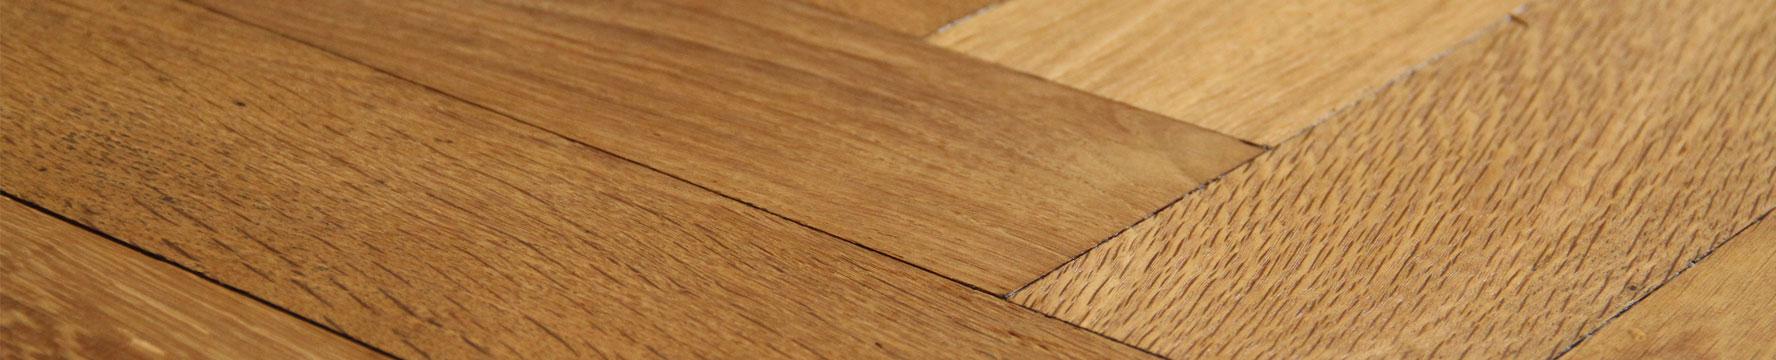 peinture lasure bois syntilor produit d 39 entretien. Black Bedroom Furniture Sets. Home Design Ideas